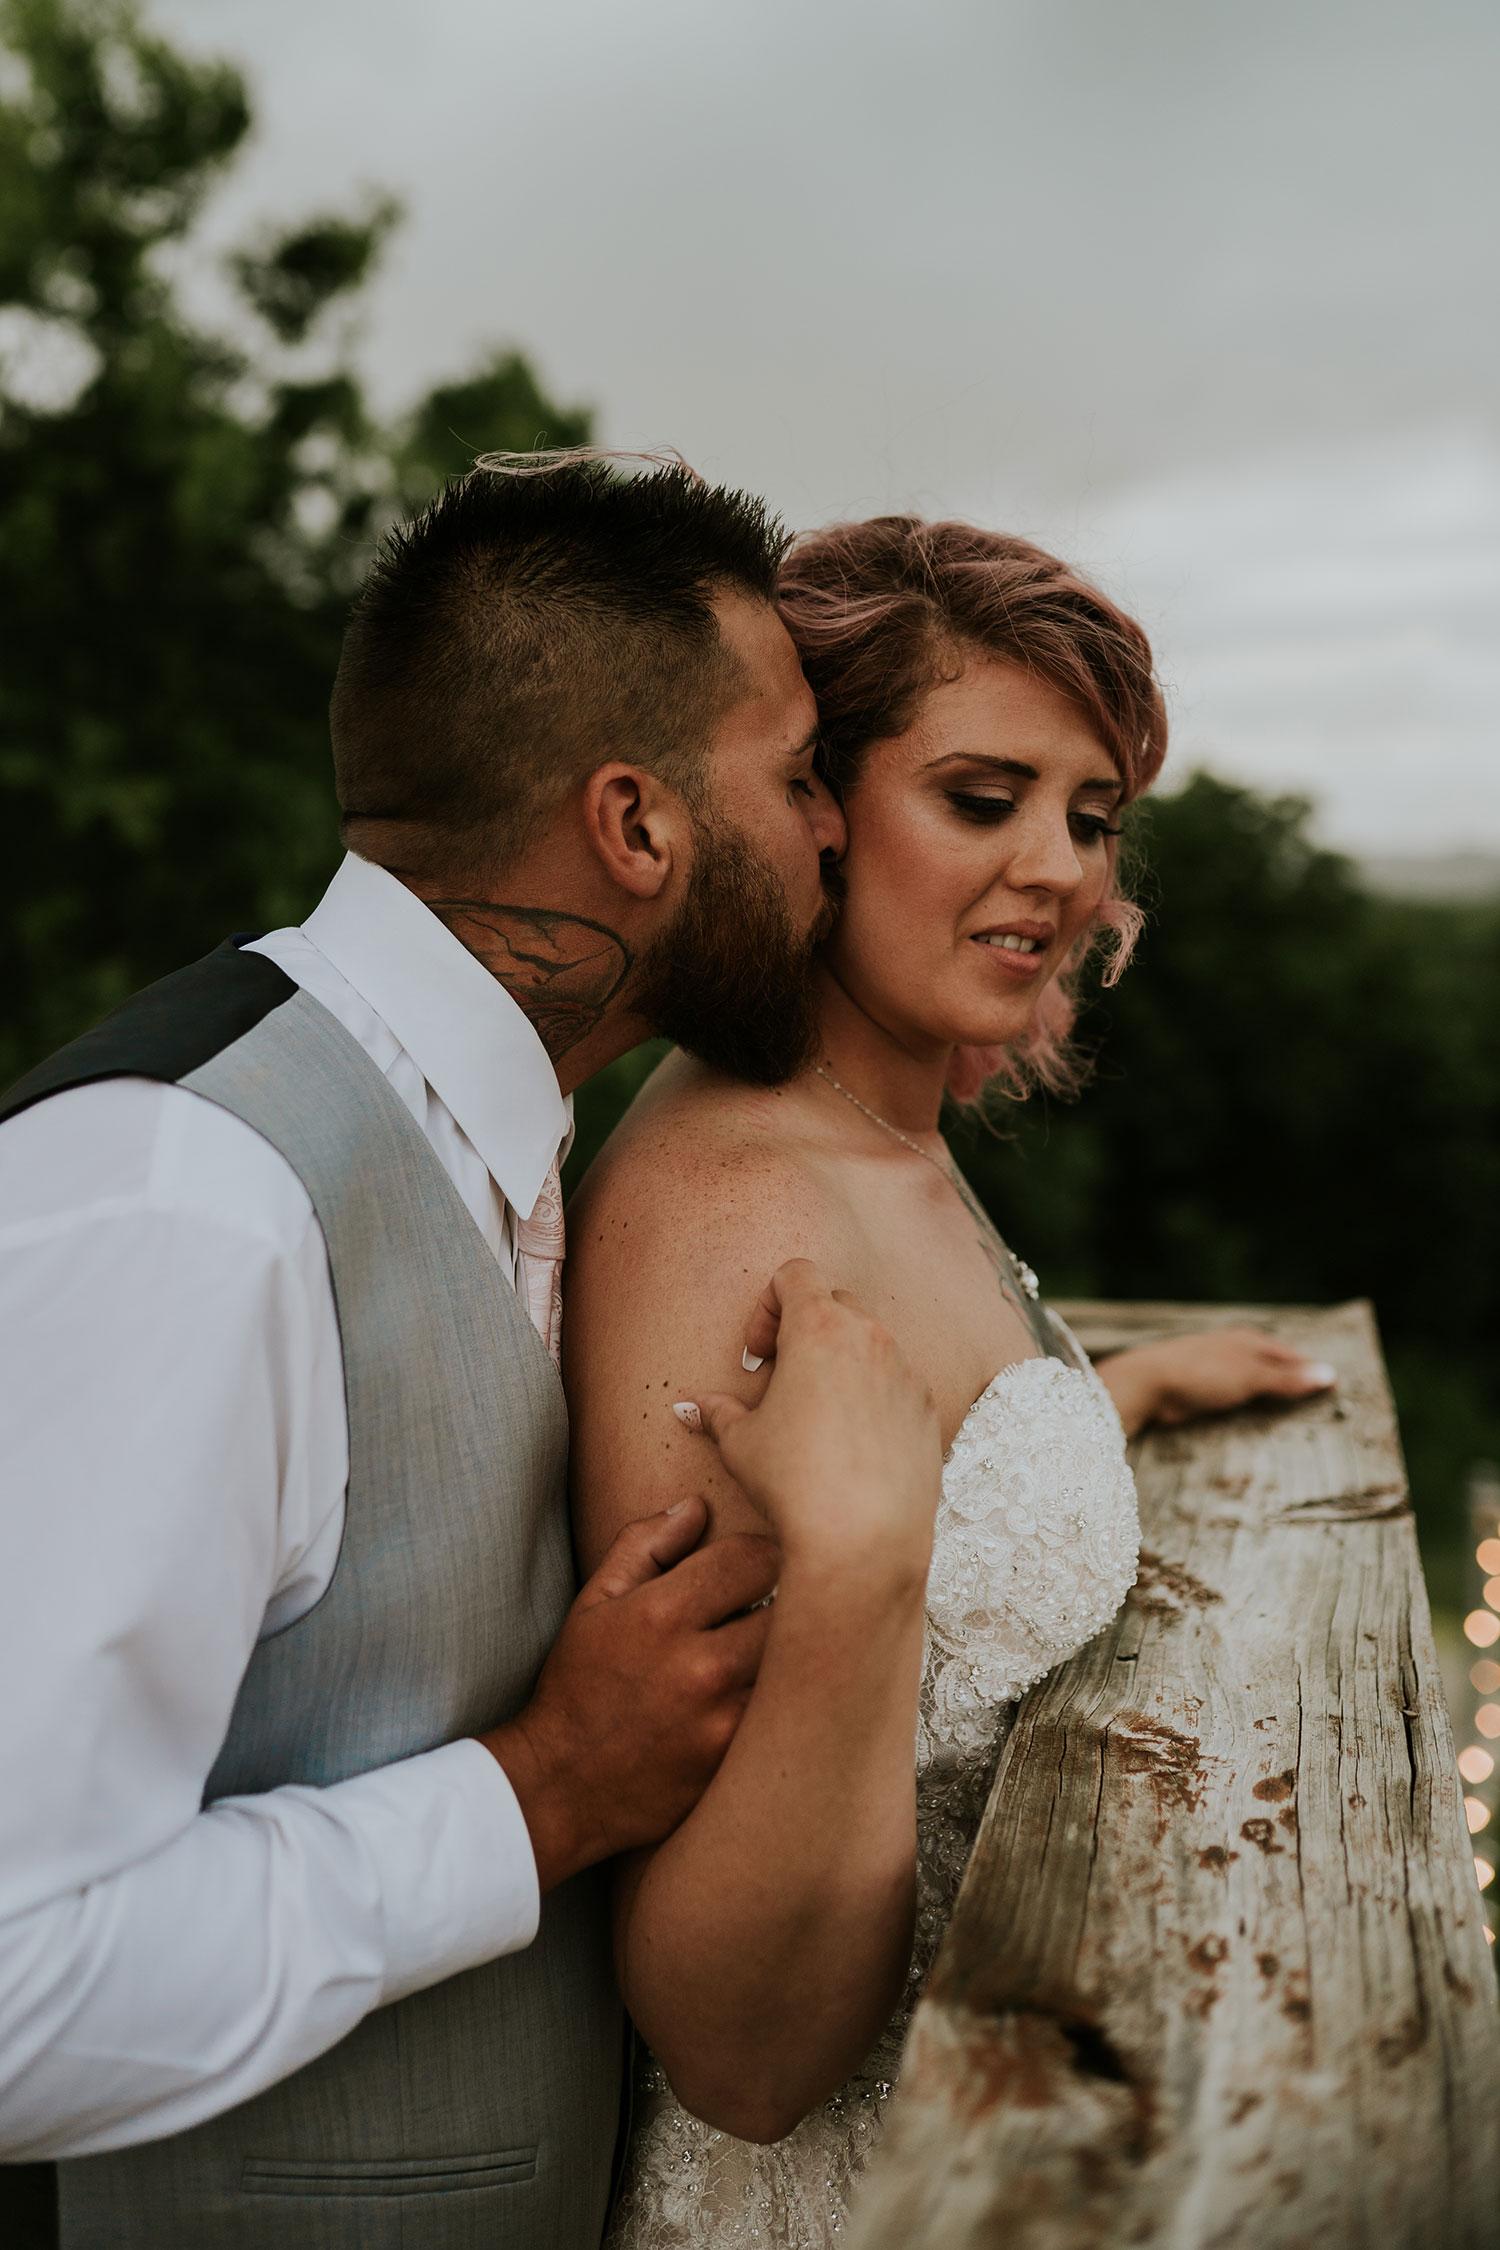 groom-kissing-bride-on-cheek-wedding-summerset-winery-indianola-iowa-raelyn-ramey-photography.jpg